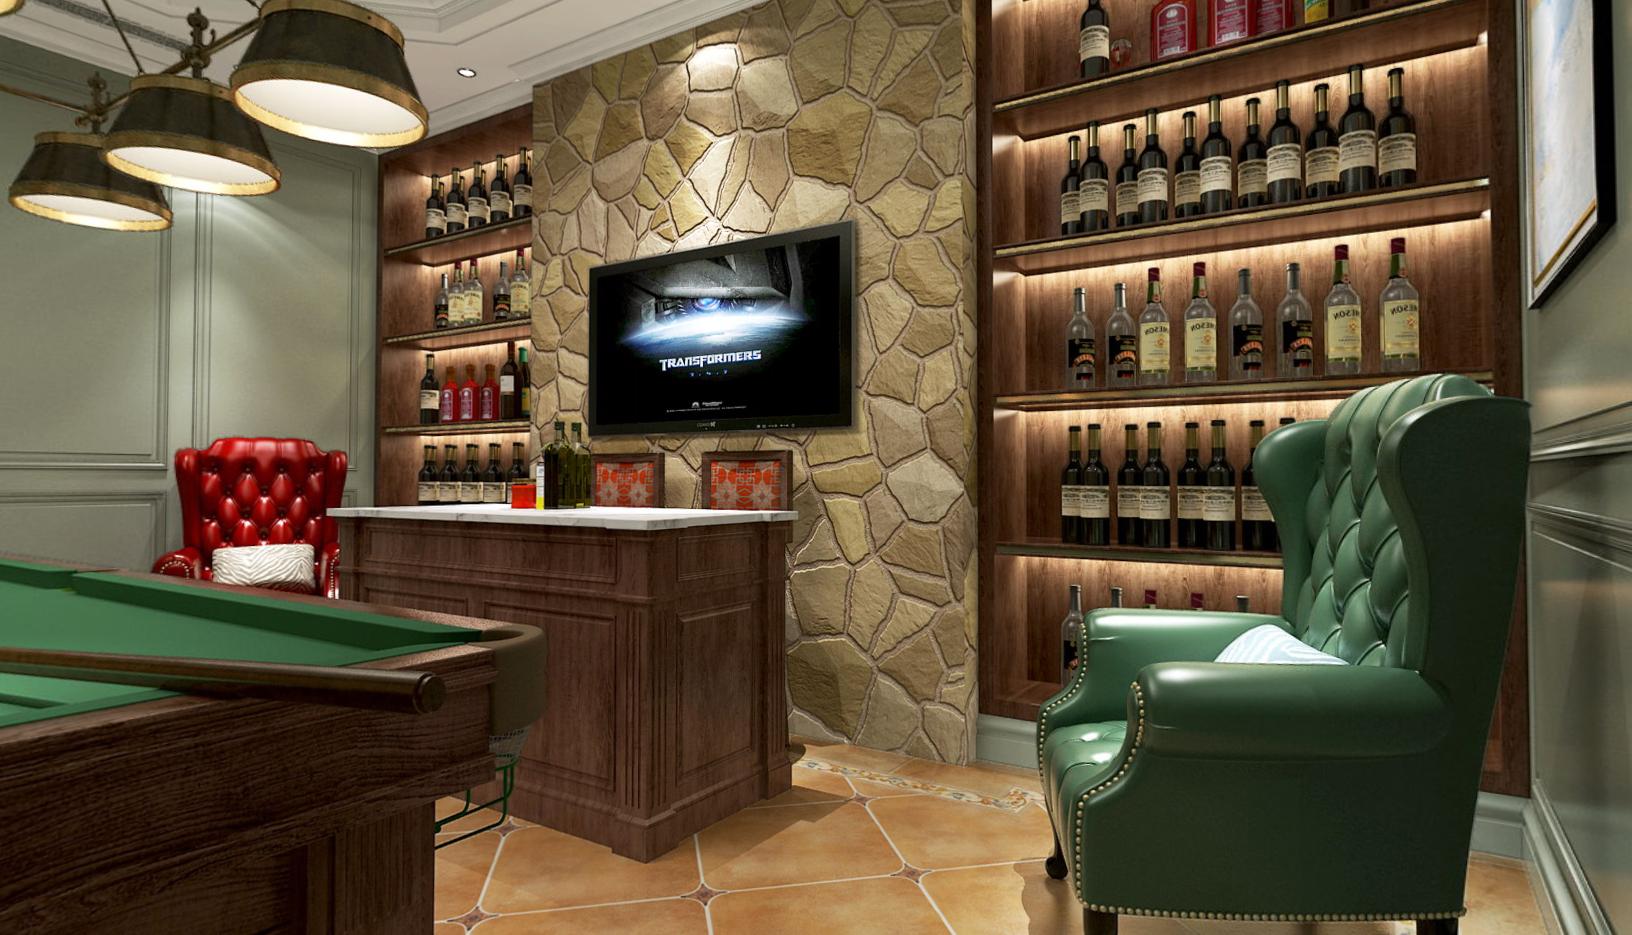 碧云别墅 美式风格 腾龙设计 毛守飞作品 餐厅图片来自孔继民在碧云别墅美式联排别墅项目设计的分享